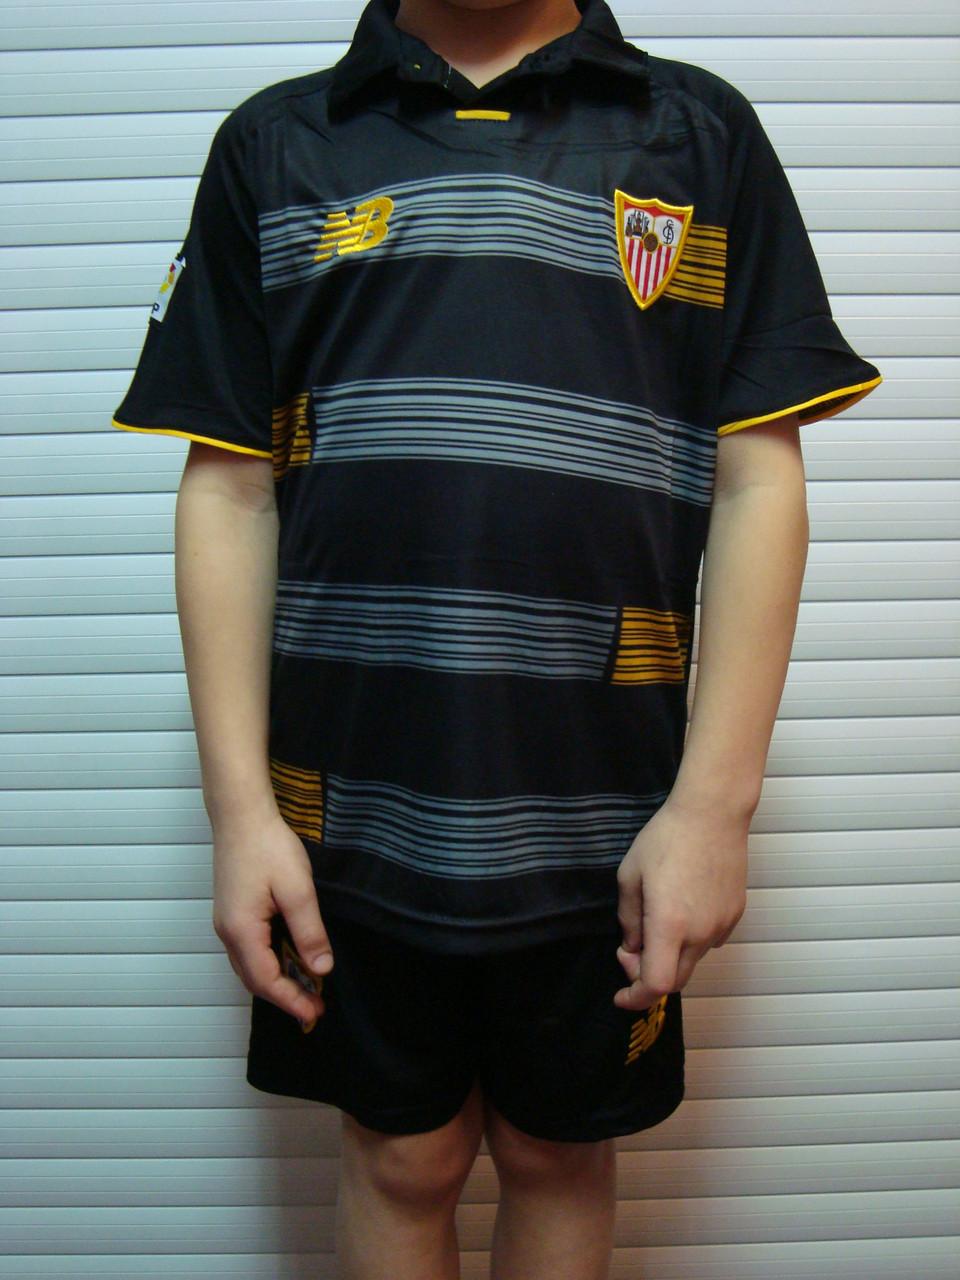 ... Футбольная форма детская Севильи (выездная) Коноплянка, фото 3. В  наличии a64a188bace